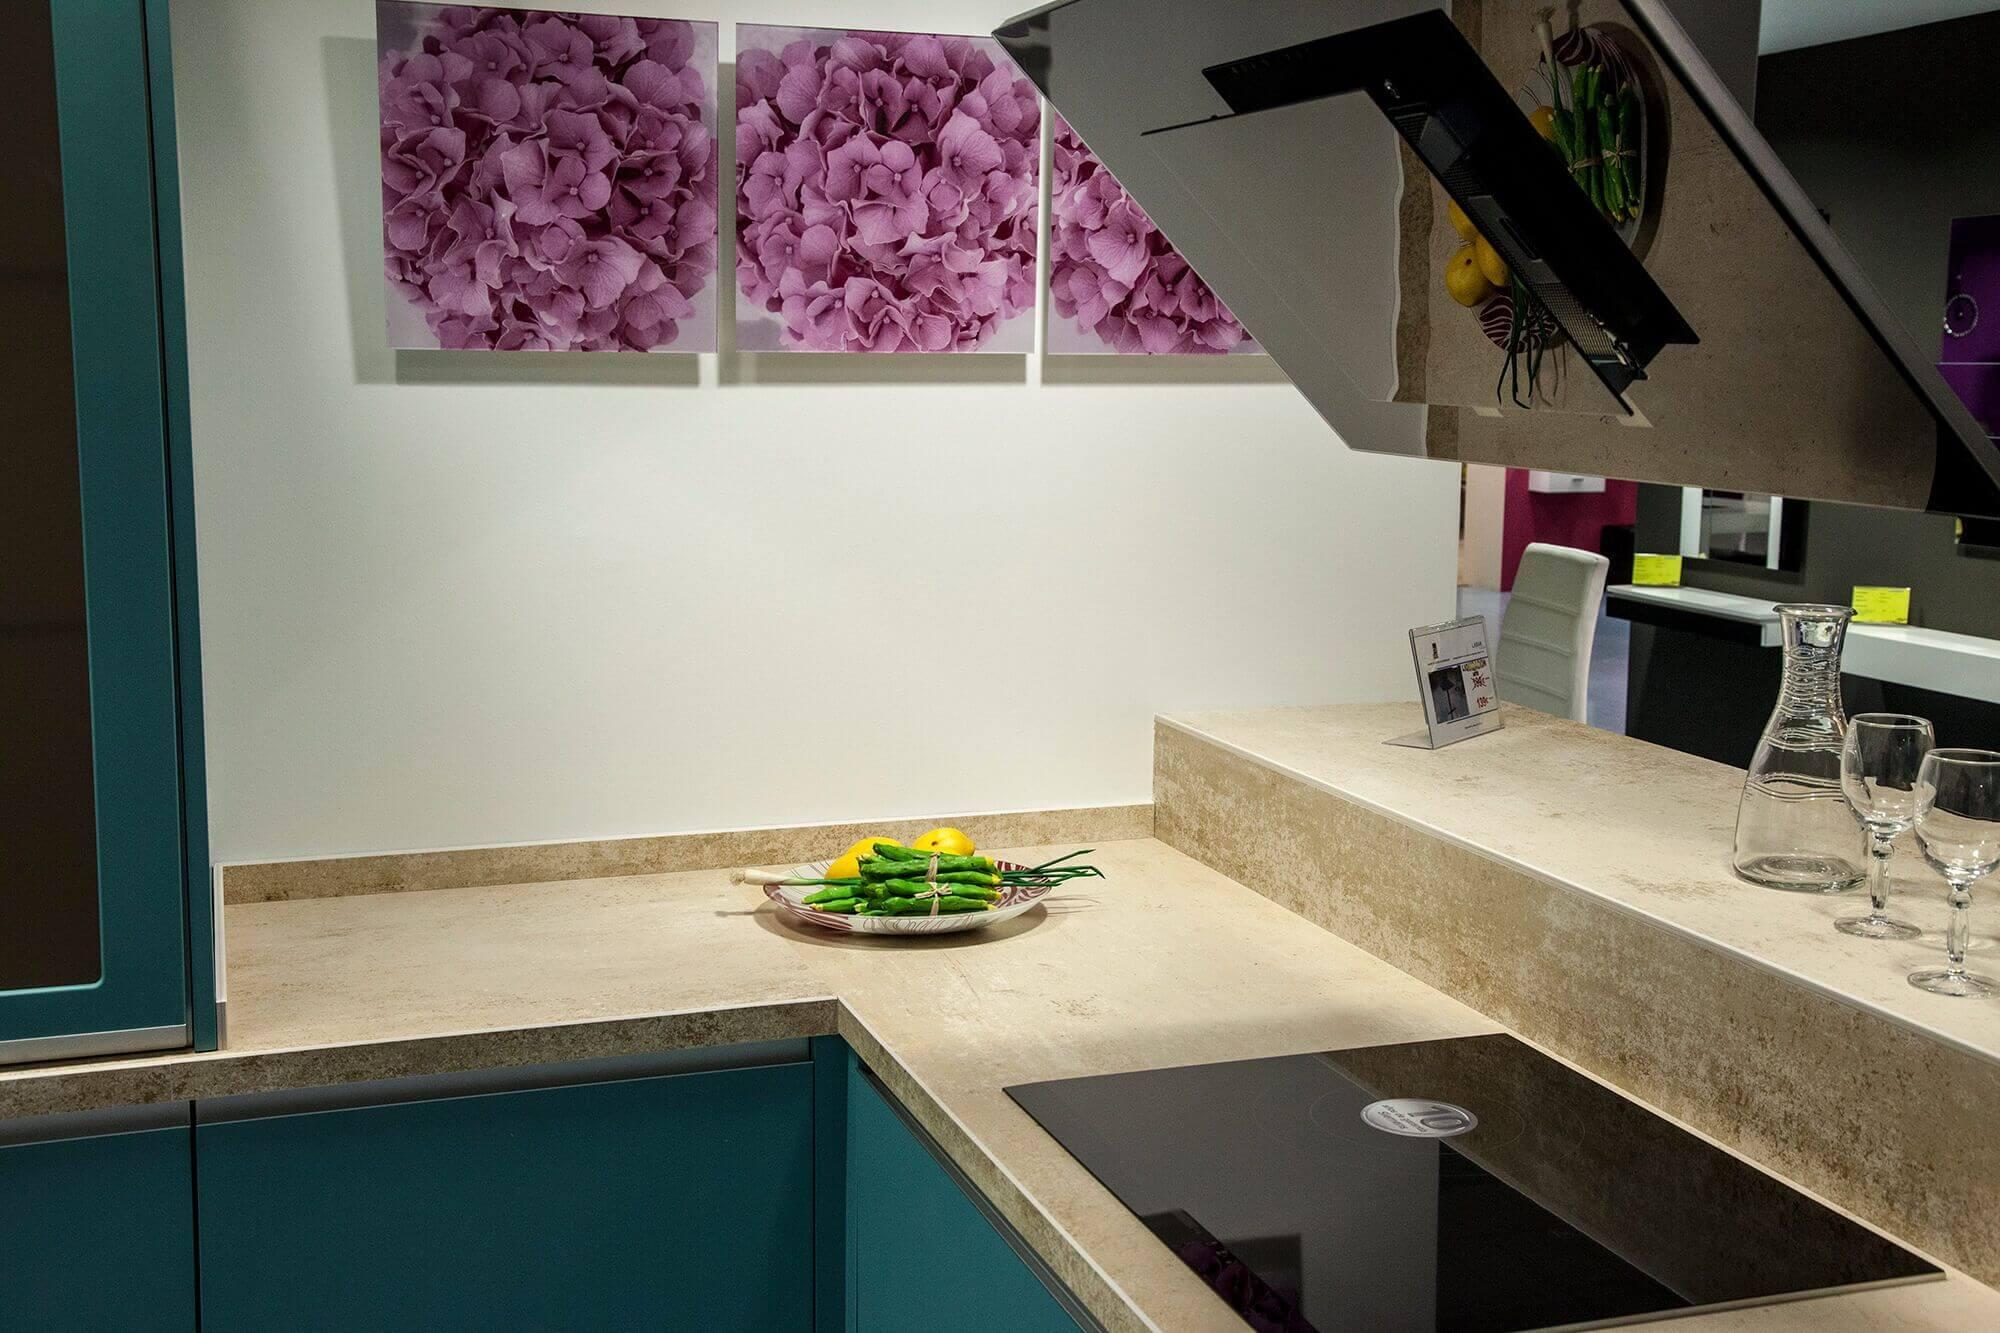 Muebles de cocina en alcala lasan 2 lasan decoracion - Tiendas muebles alcala de henares ...